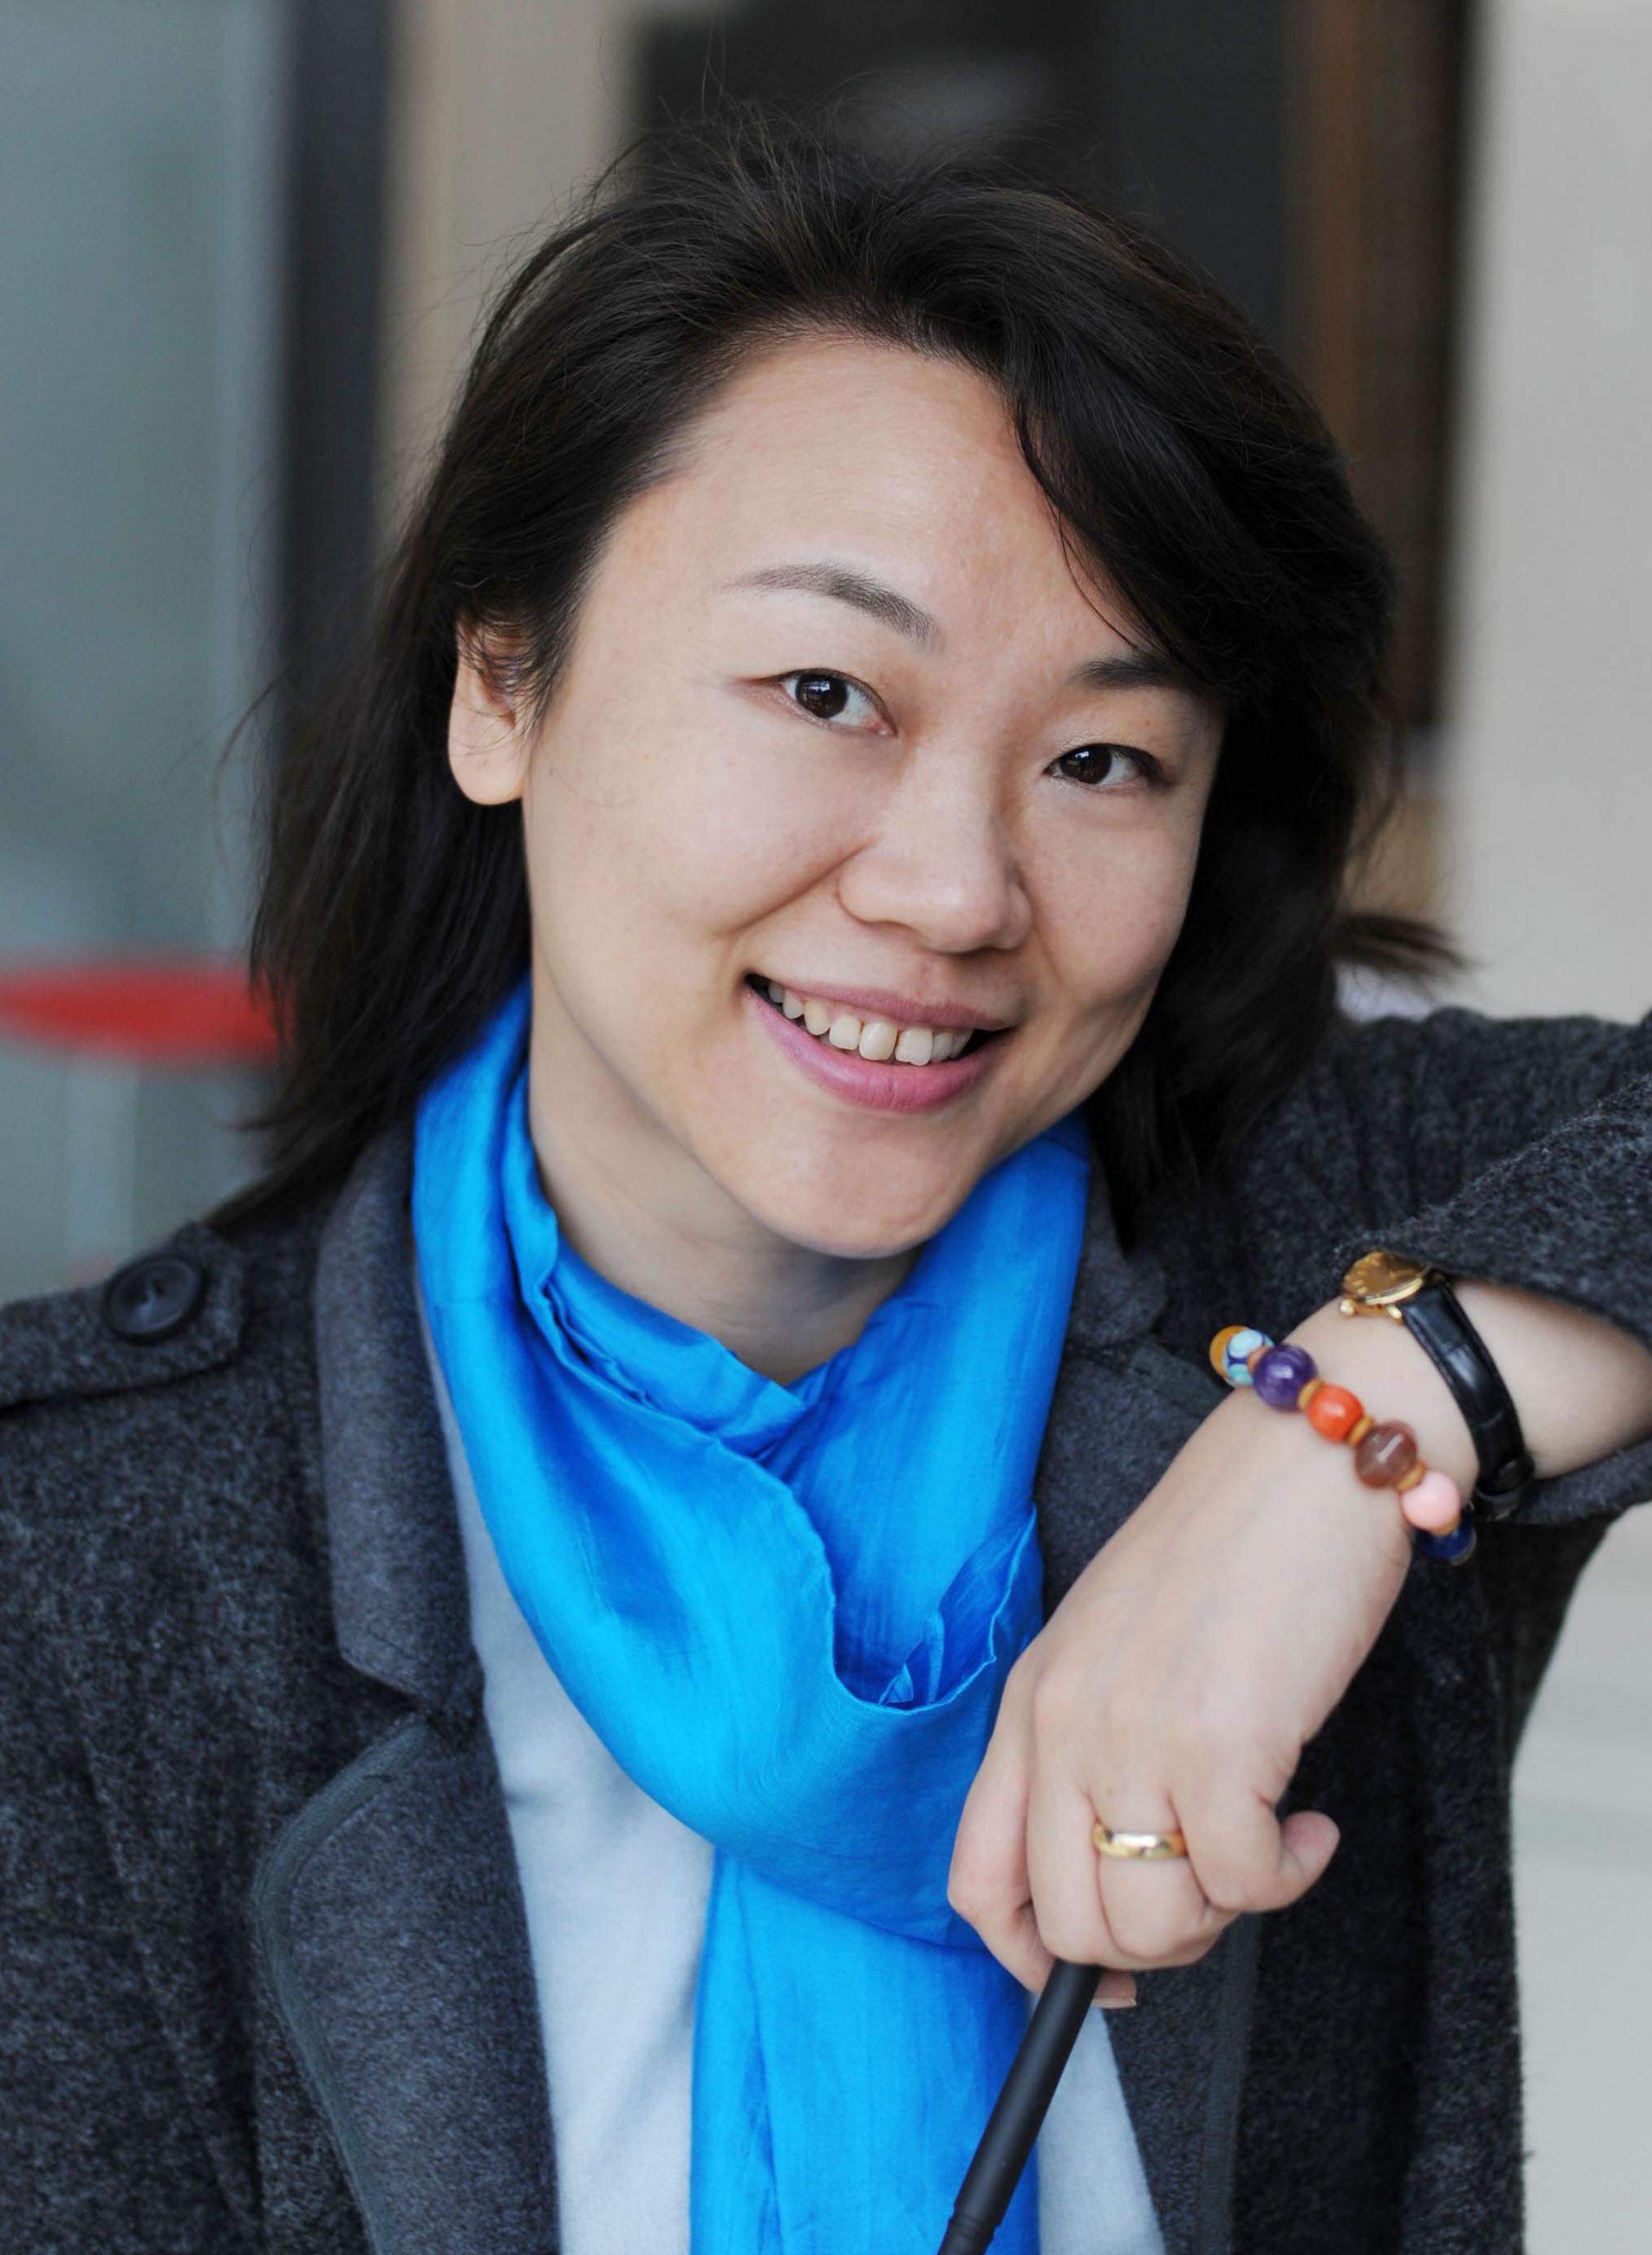 工学博士 讲师 学科发展研究中心主任 张雪青老师近年来致力于中国设计学科发展研究、设计基础教学研究与实践、设计与文化研究,尤其关注色彩与设计文化的关联。从事发展中的中国社会和文化背景下的艺术与设计文献相关课题研究。参与上海市设计学高峰学科建设以及建设国际设计创新学院的政策研究。同时,作为平面设计师和环境色彩设计师主持和参与多项设计实践项目。 研究方向 艺术与设计文化研究、设计学科发展研究、设计基础教学研究、色彩设计与研究 主讲课程 本科:《视觉形态创造学》、《设计思维与表达》、《设计基础1-素描》、《设计